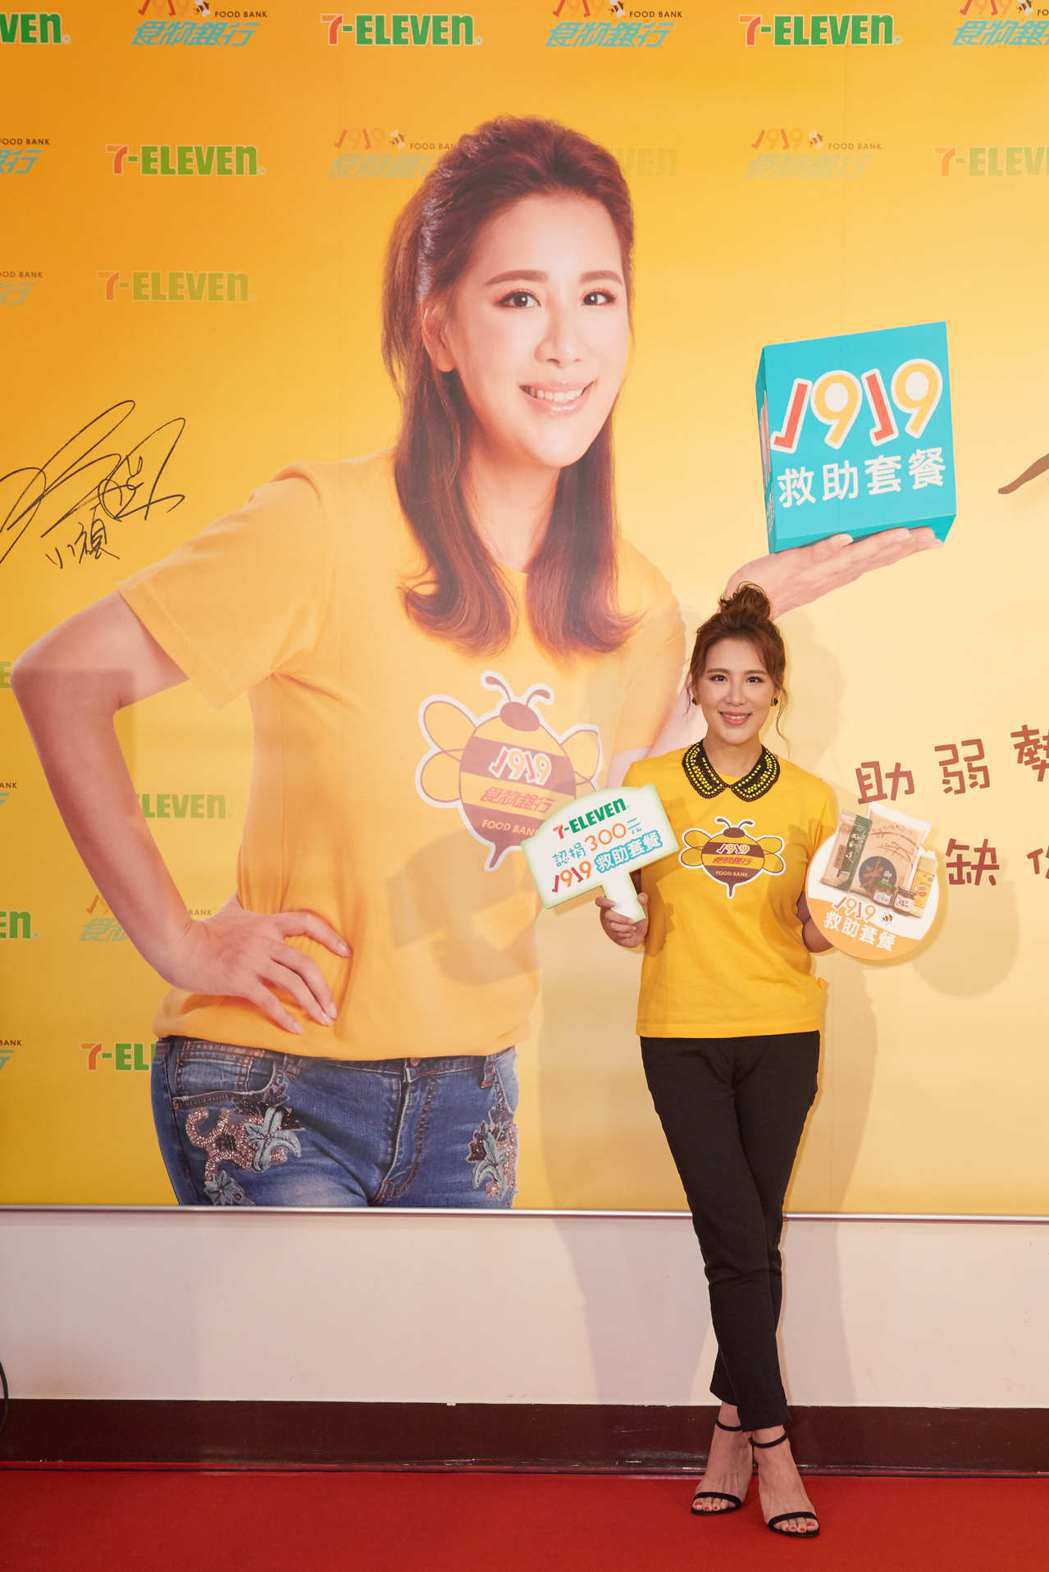 小禎出席公益活動,明顯瘦了一大圈。圖/中華基督教救助協會提供